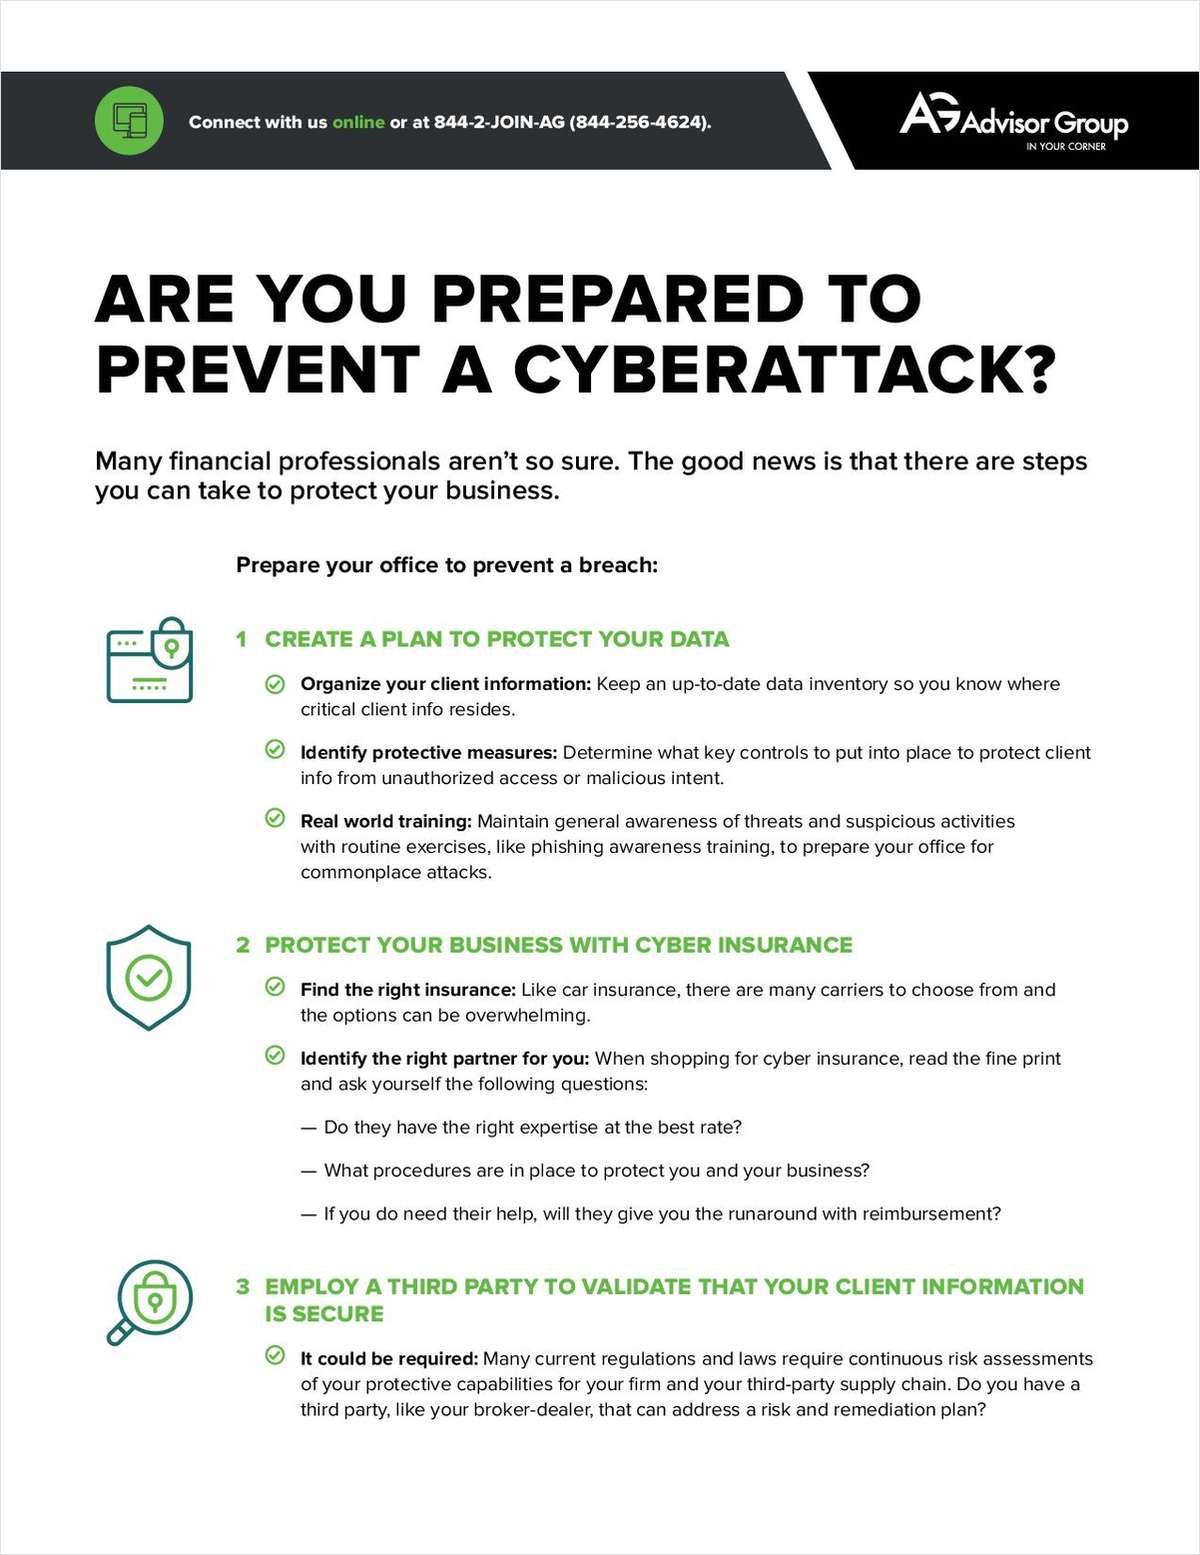 Are You Prepared to Prevent a Cyberattack?